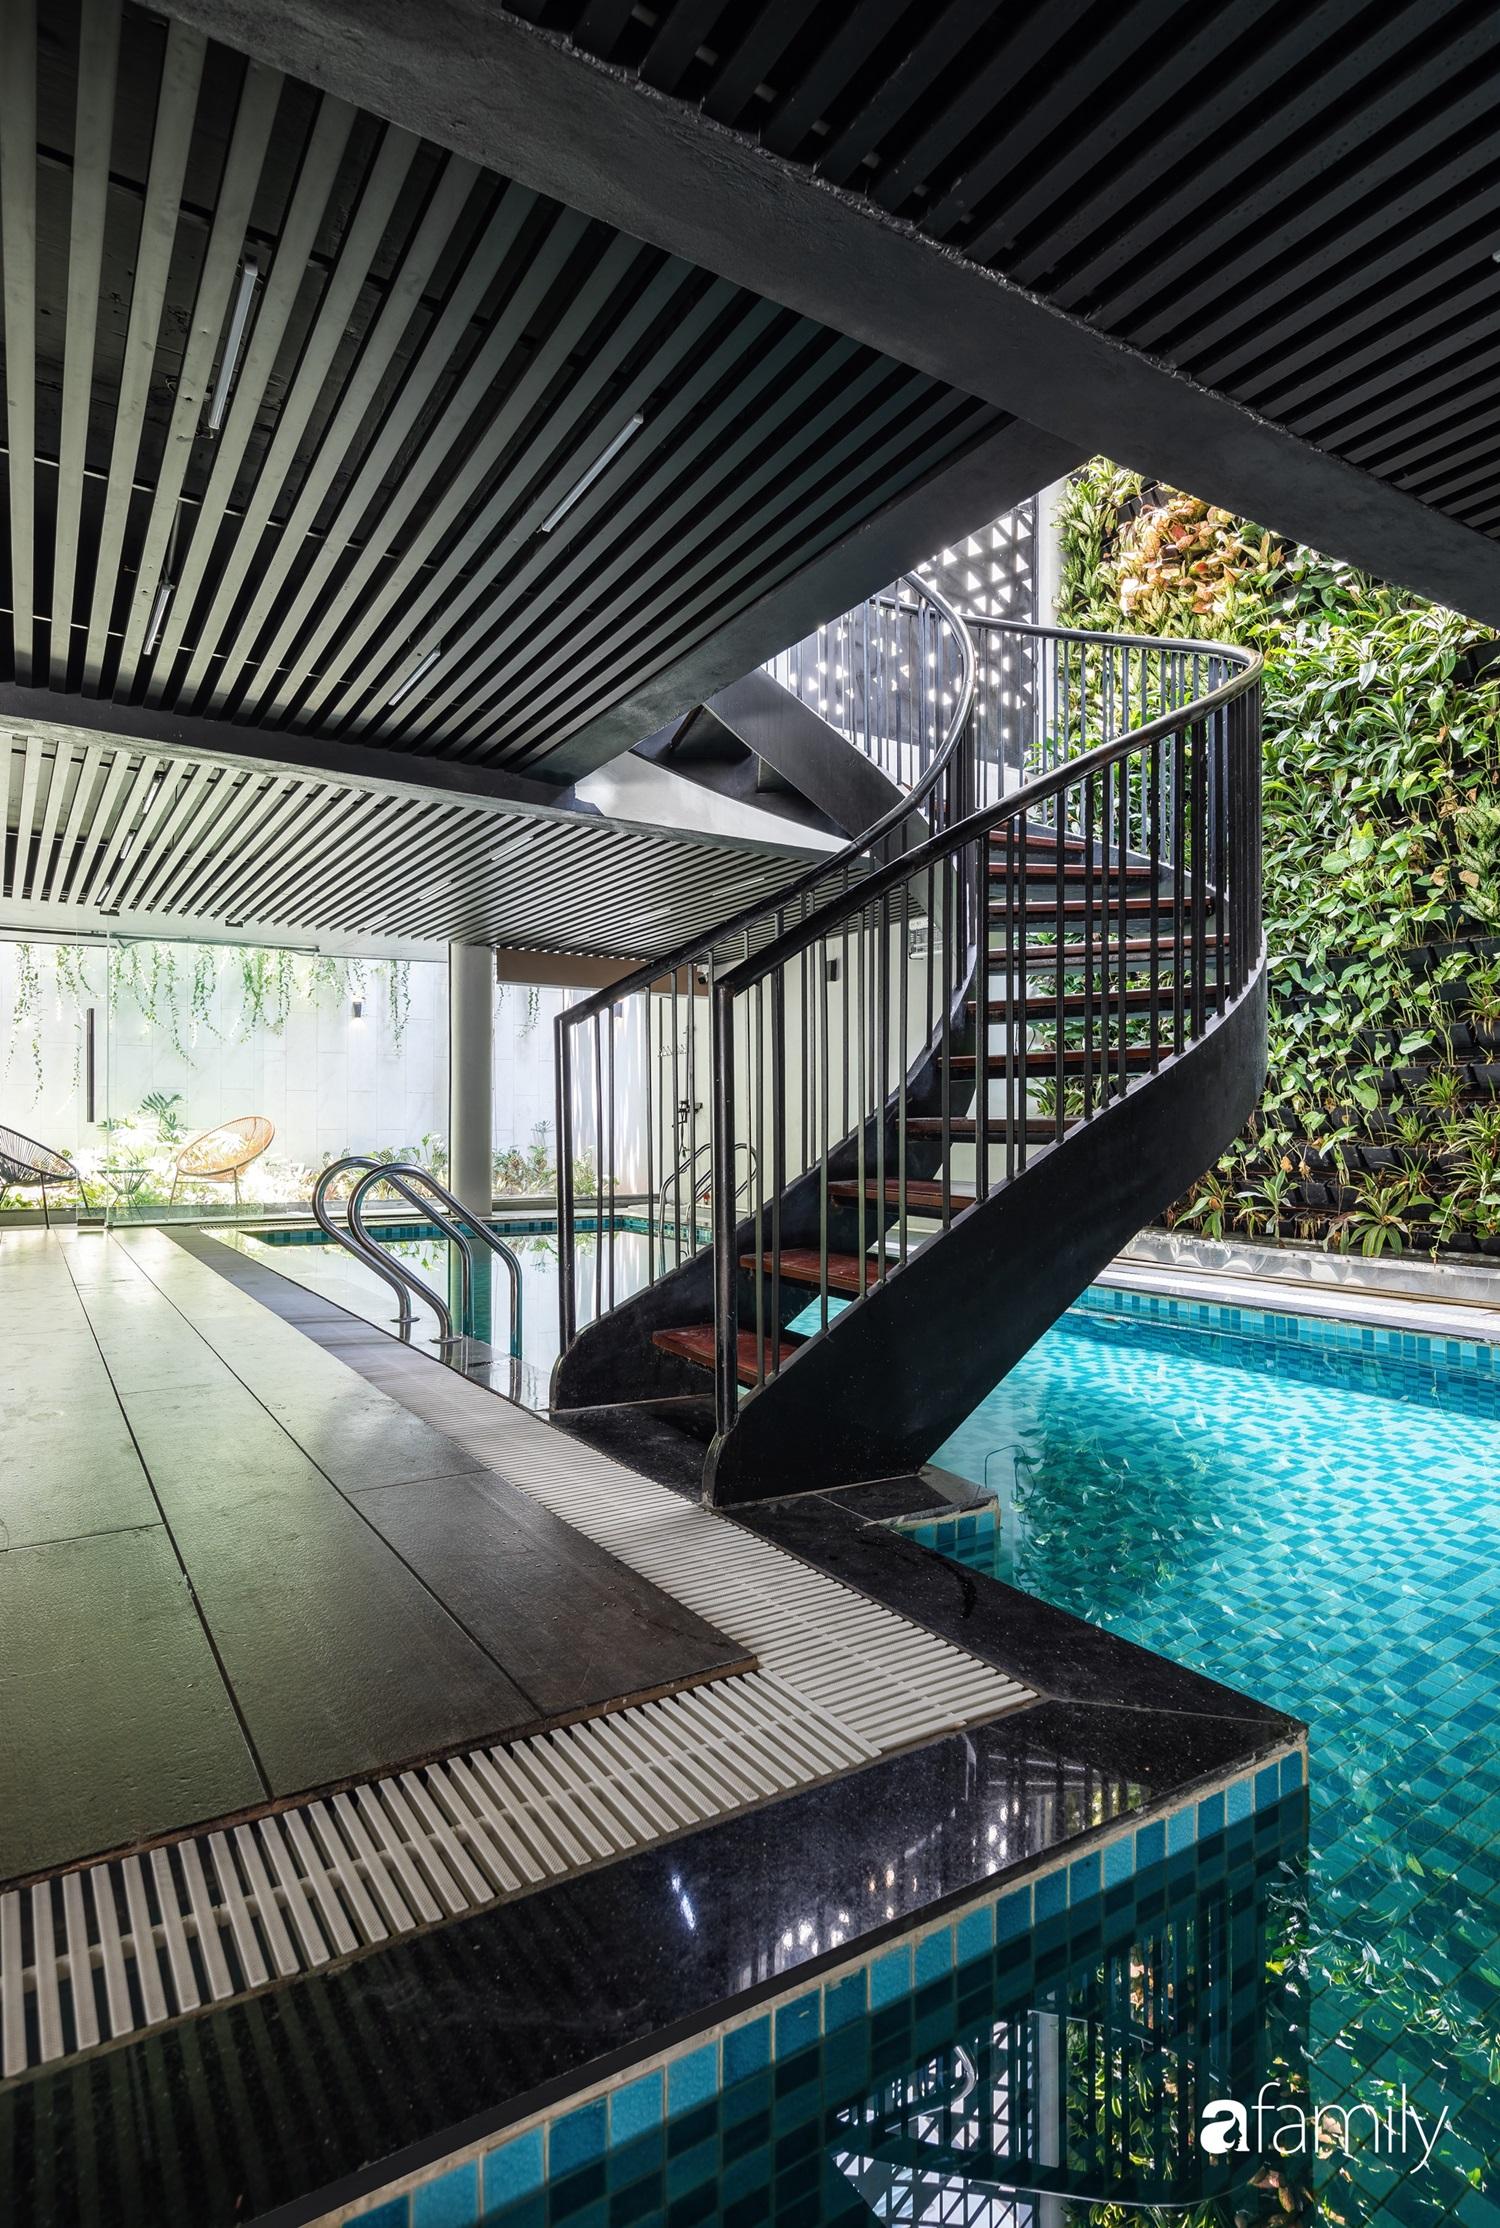 Biệt thự vườn phóng khoáng, hiện đại ở ngoại thành Hà Nội - Ảnh 9.